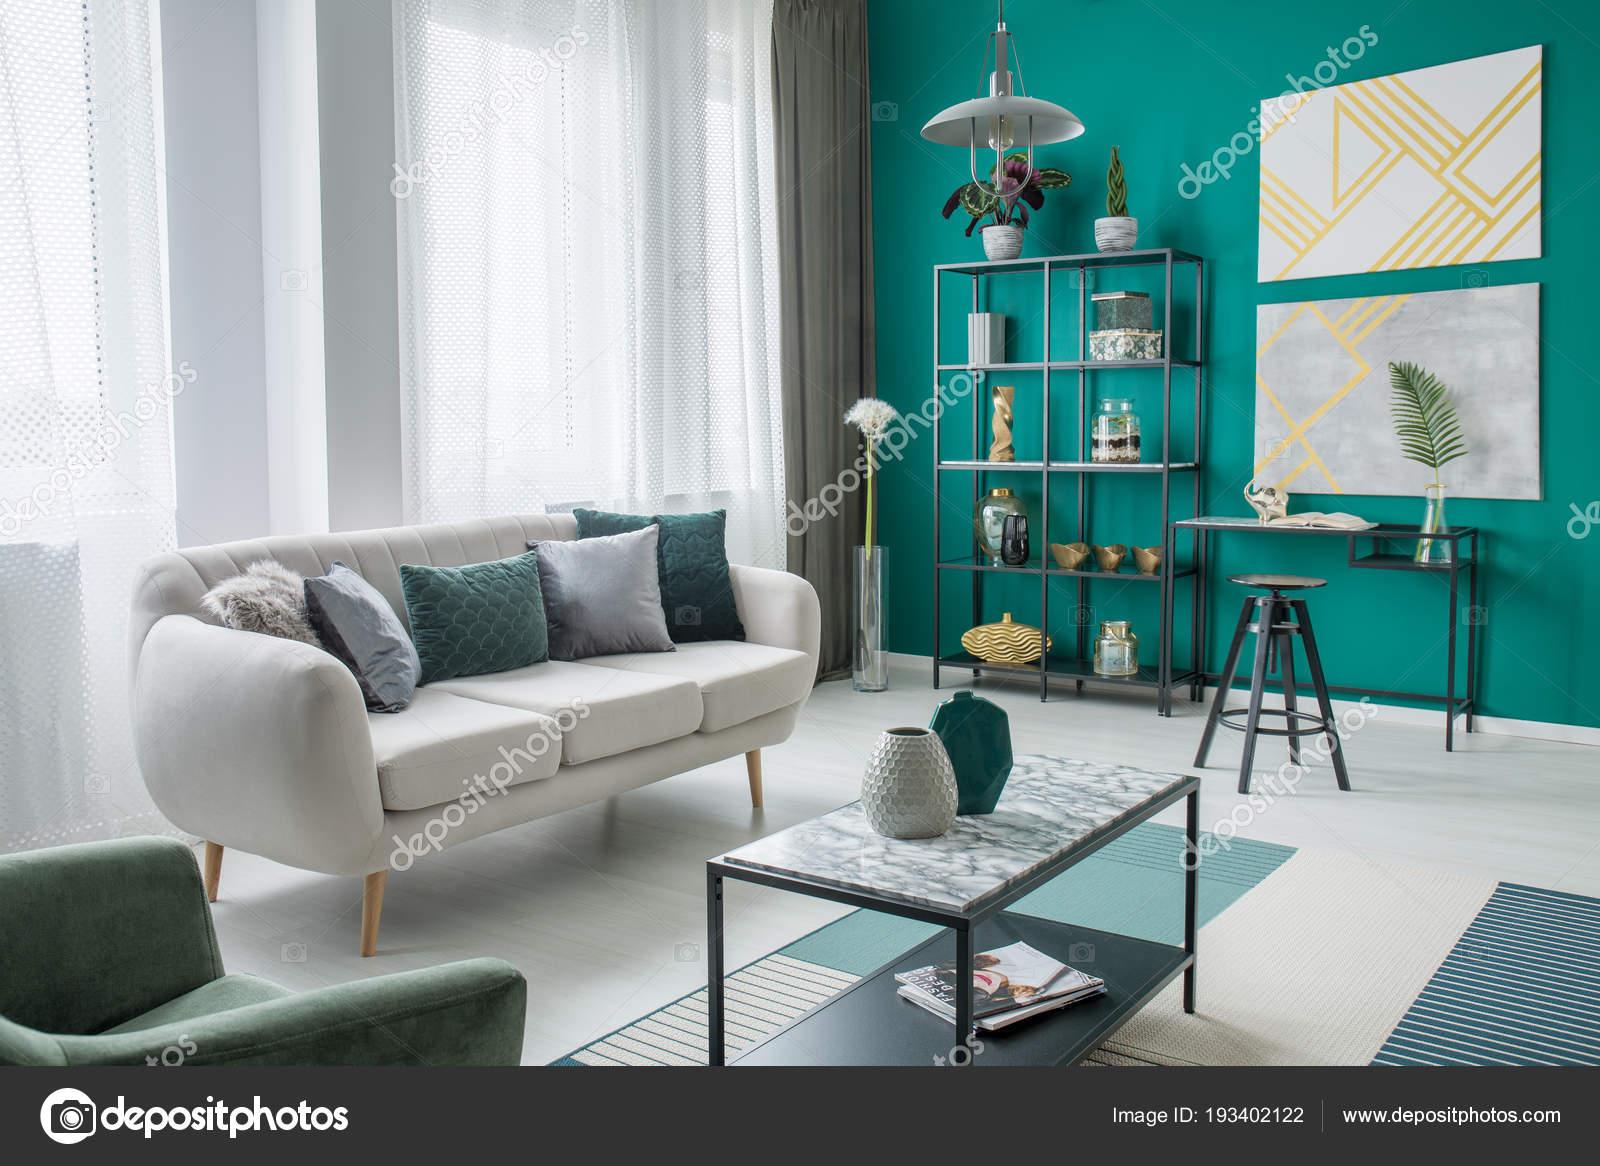 Groene Muur Woonkamer : Gouden posters groene muur gezellige woonkamer interieur met beige